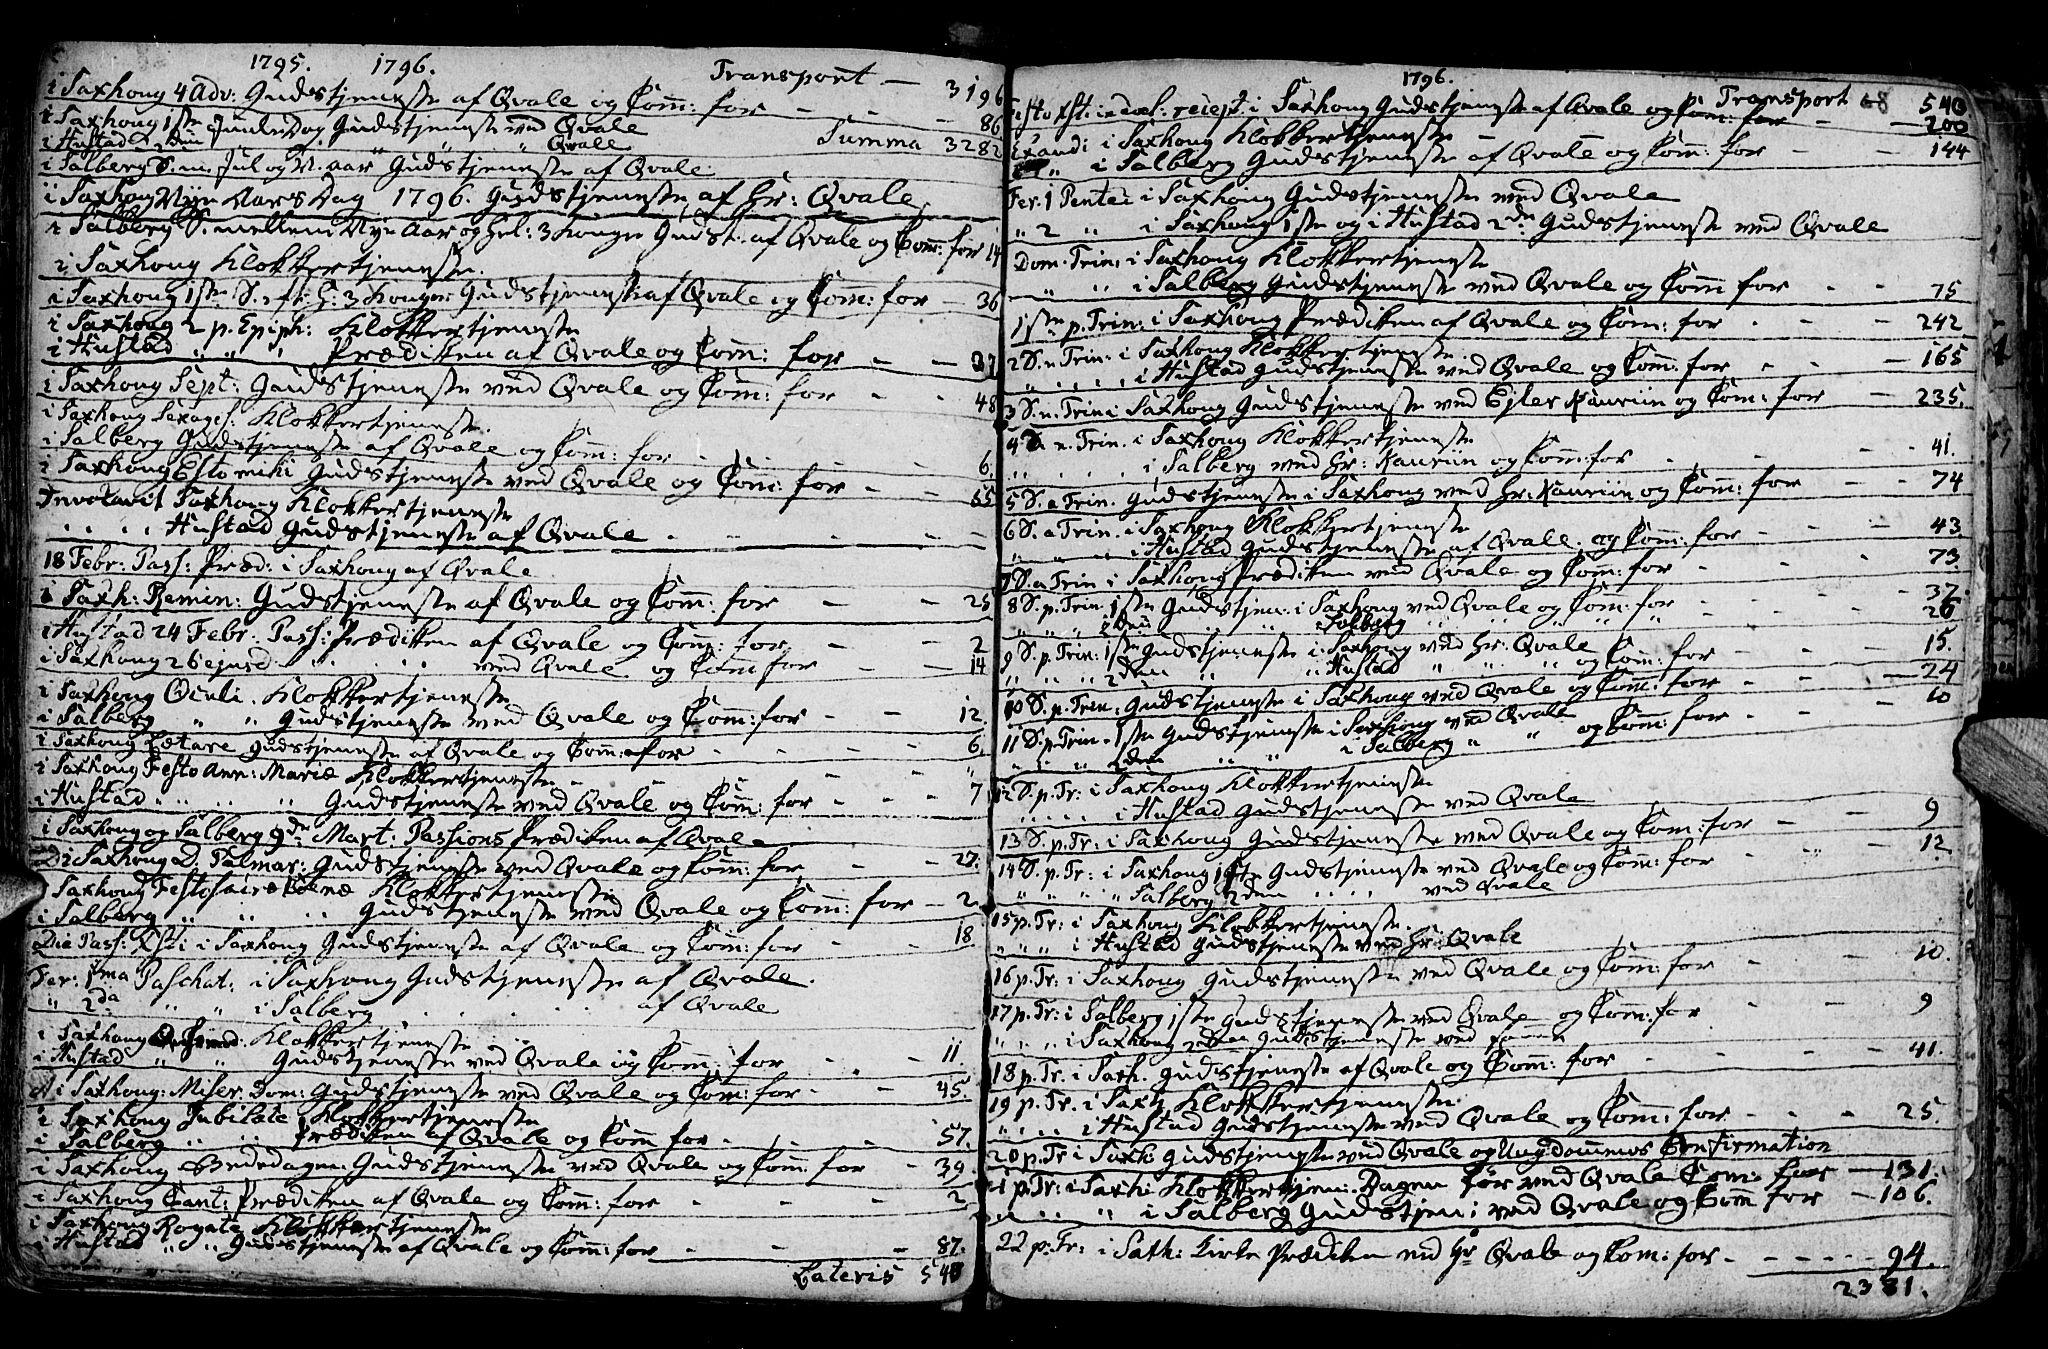 SAT, Ministerialprotokoller, klokkerbøker og fødselsregistre - Nord-Trøndelag, 730/L0273: Ministerialbok nr. 730A02, 1762-1802, s. 68